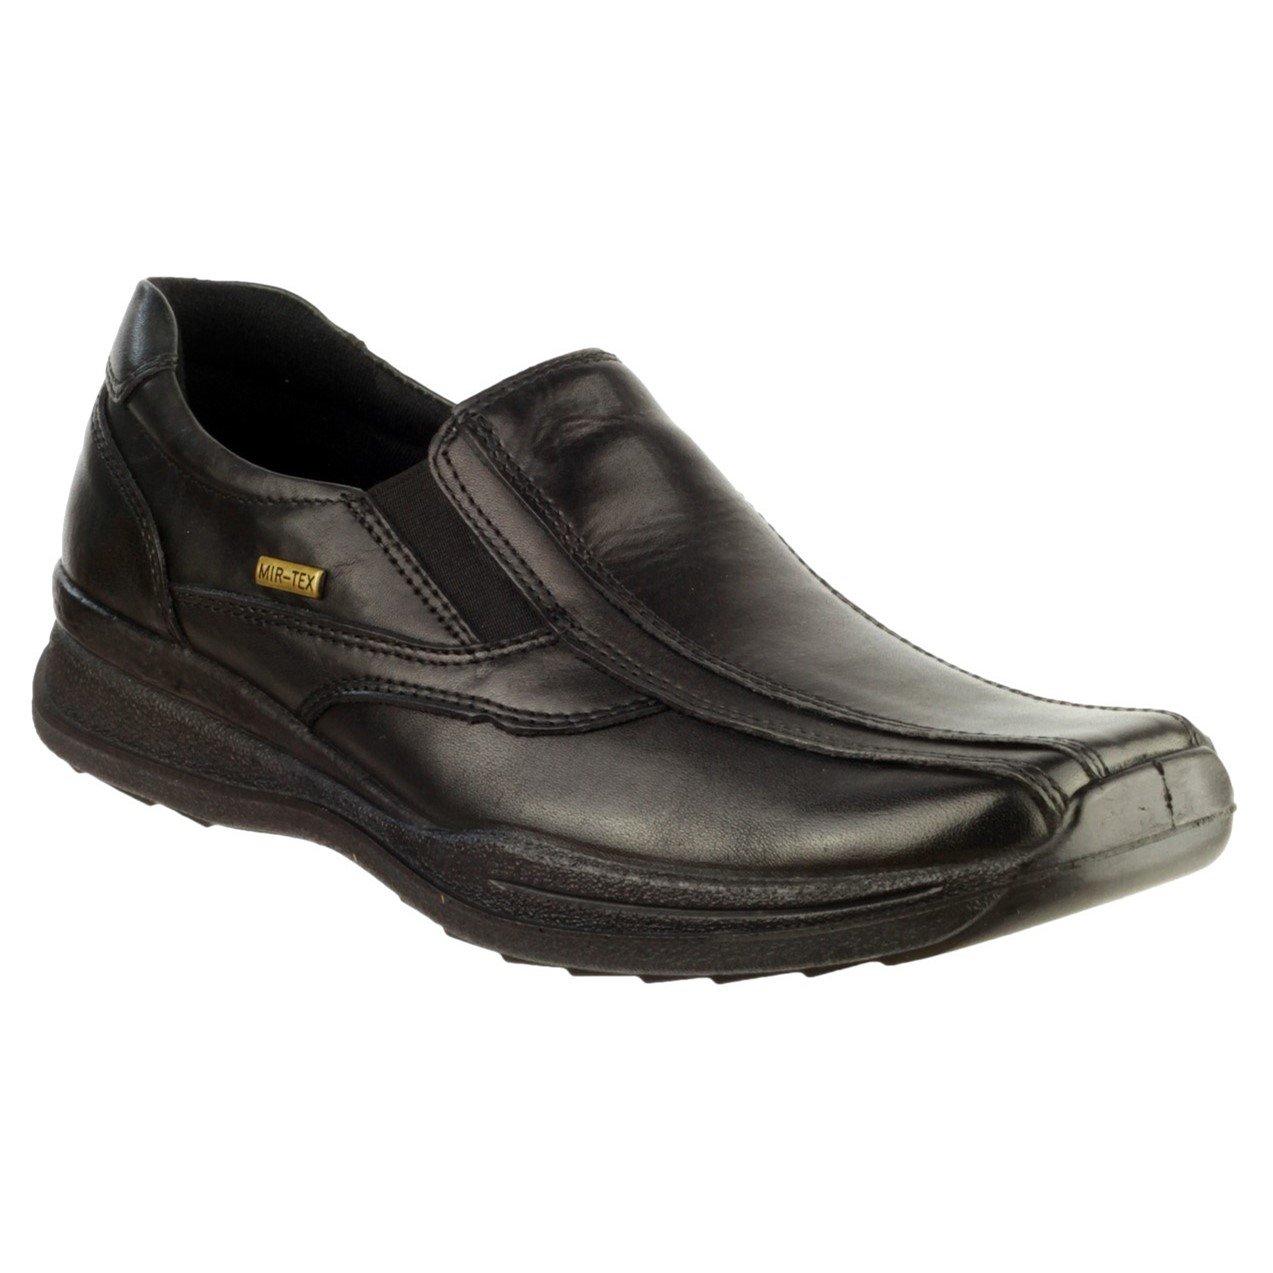 Cotswold Men's Naunton 2 Casual Shoe Various Colours 32969 - Black 7